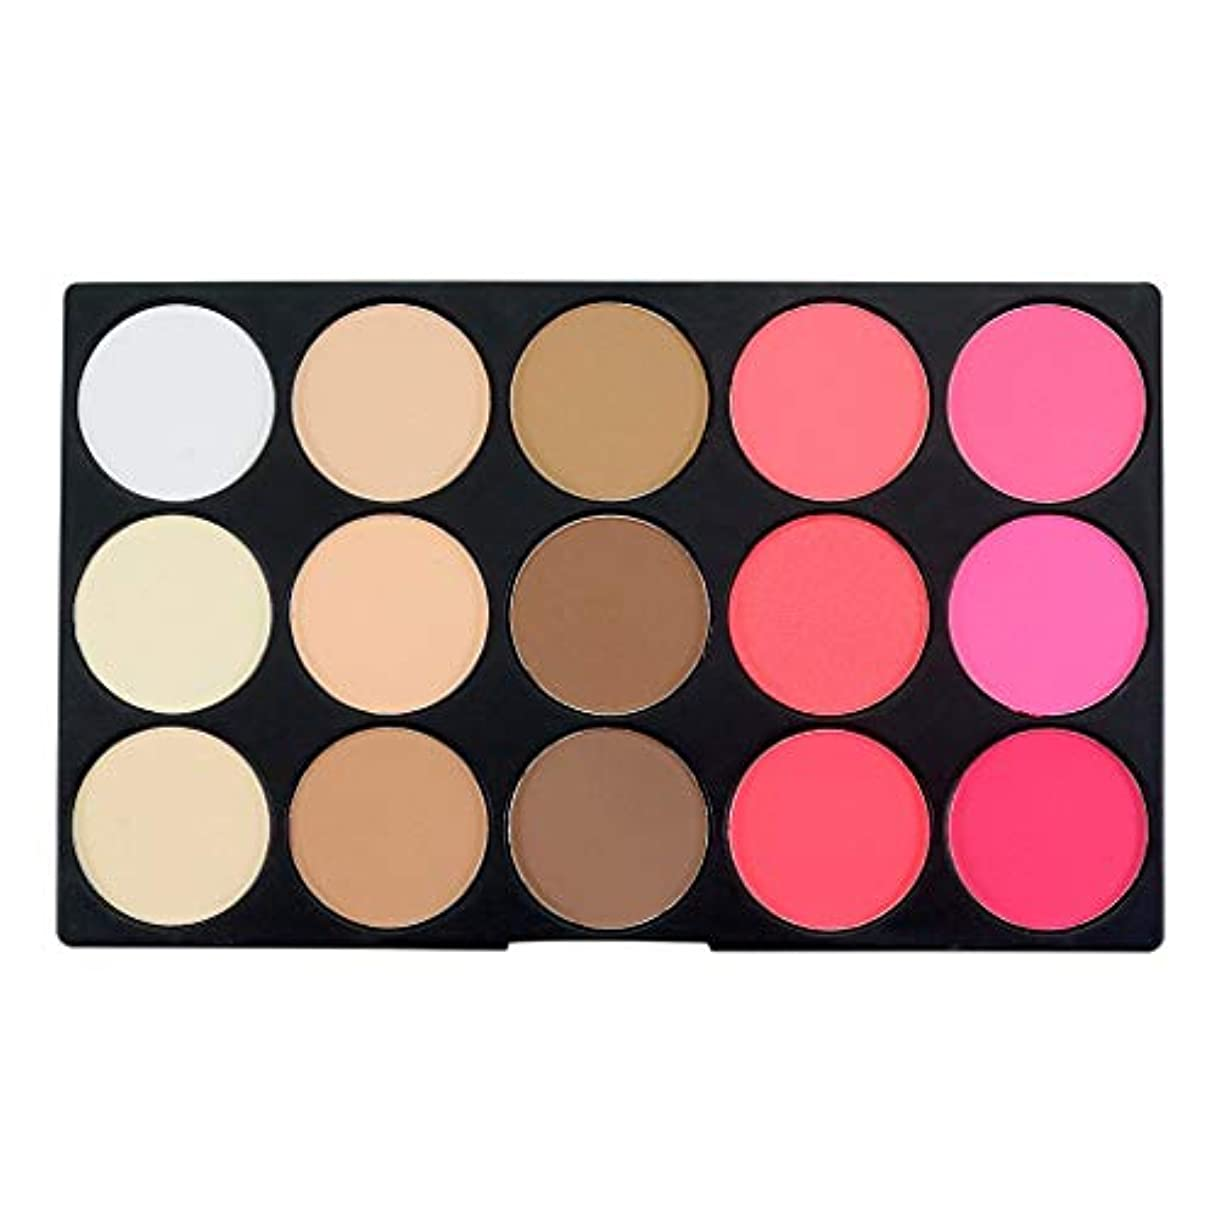 化粧品マットアイシャドークリームアイシャドーメイクアップパレットシマーセット95色